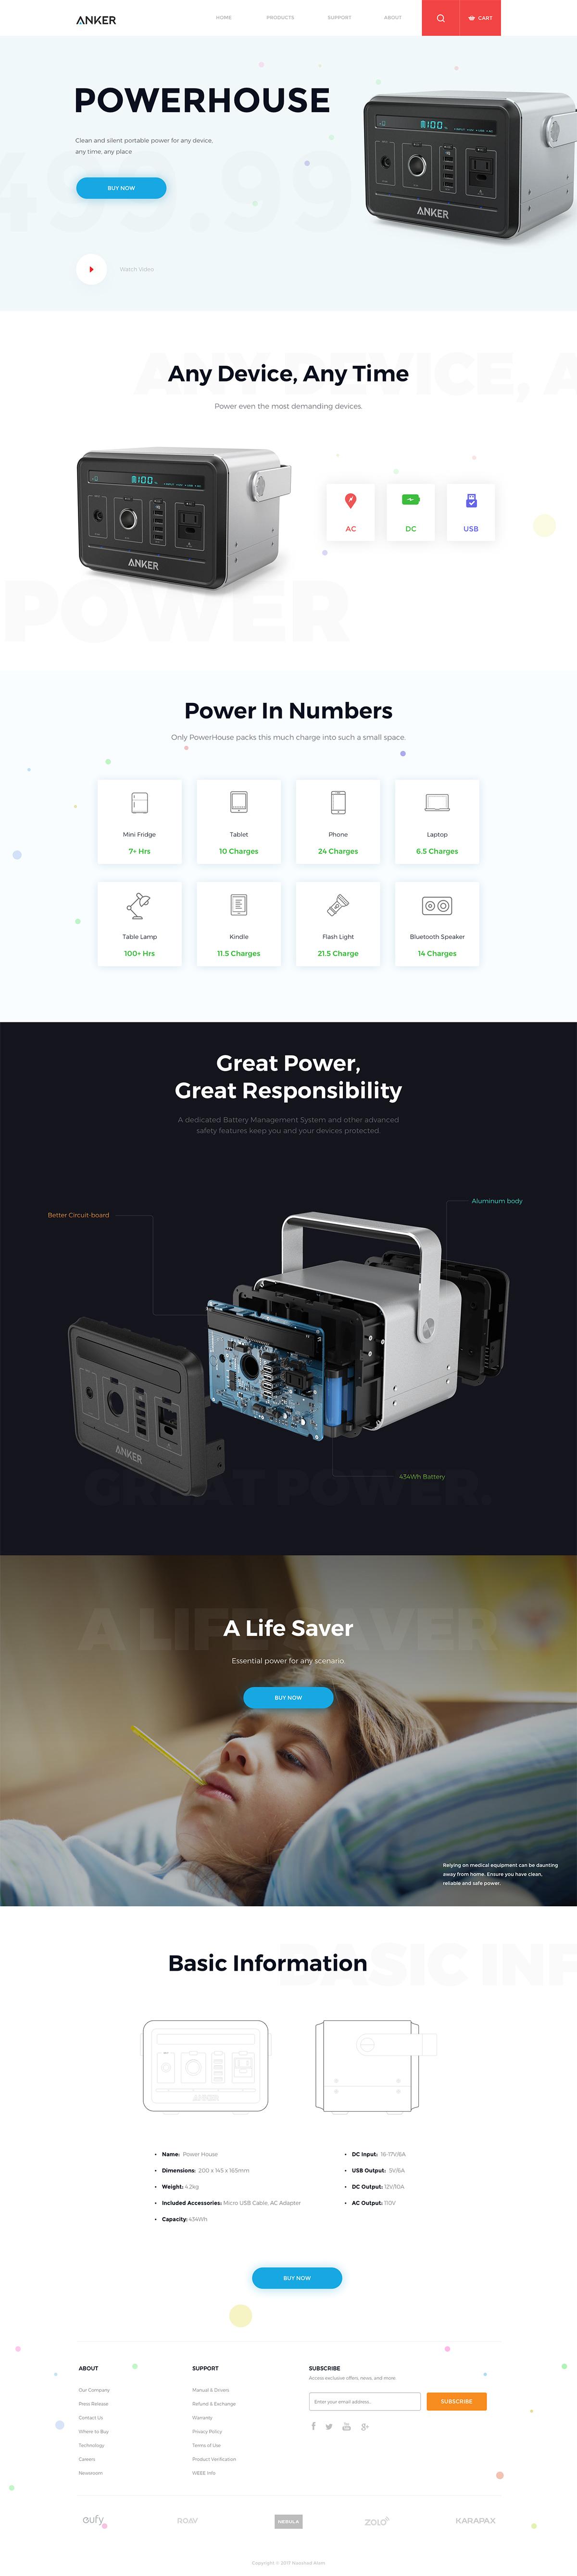 如何为电子产品量身定制一个完美的网页